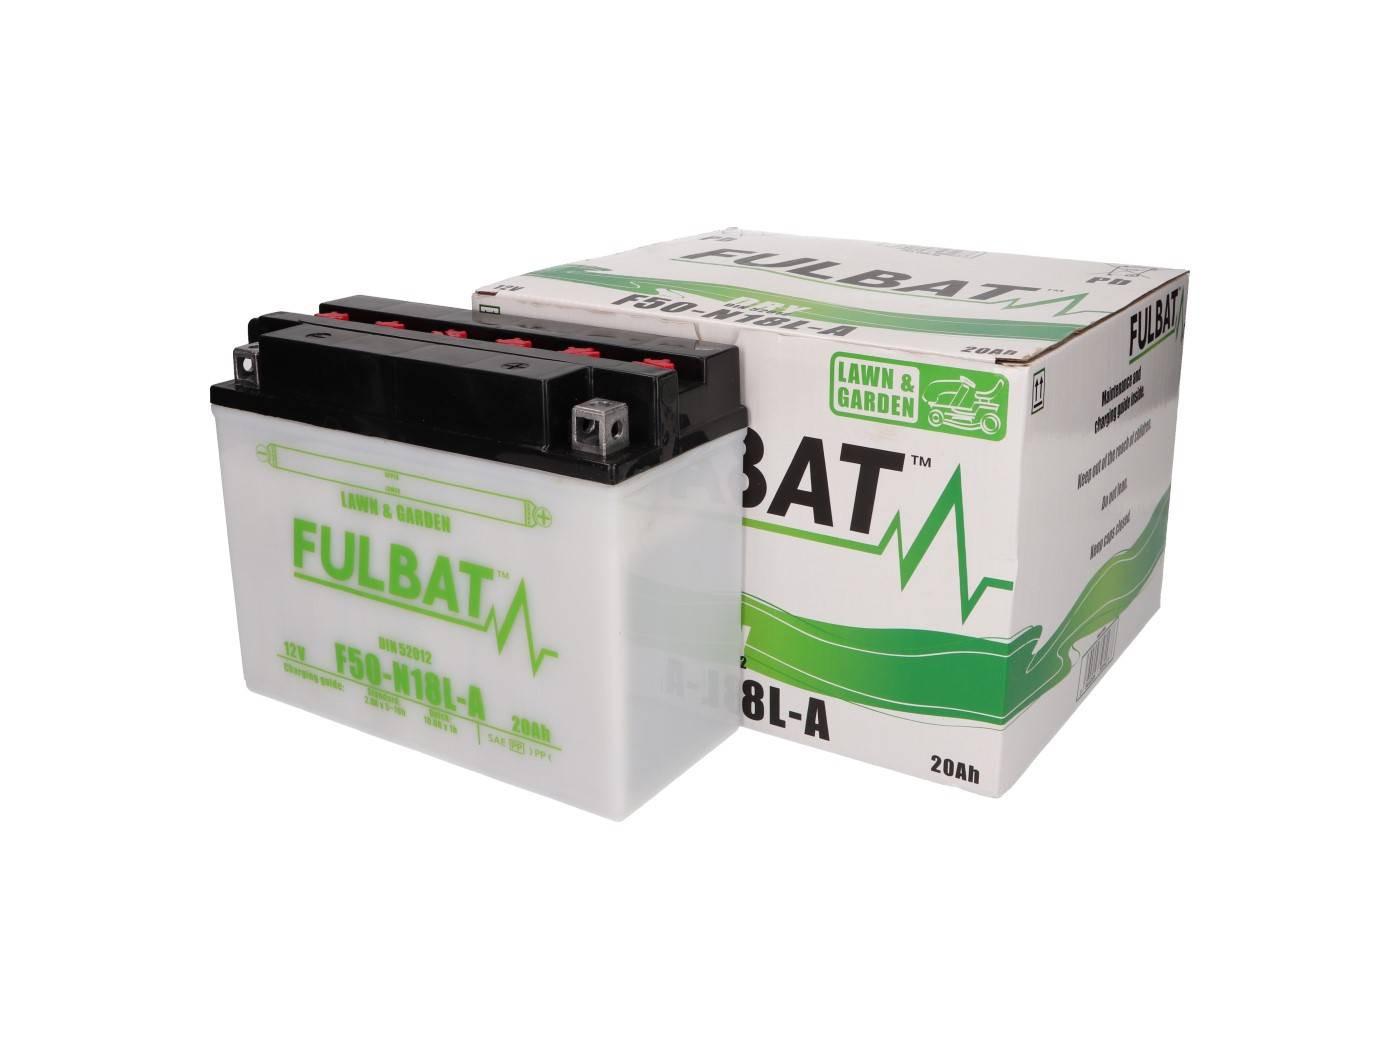 Fulbat F50N18L-A DRY száraz akkumulátor + savcsomag